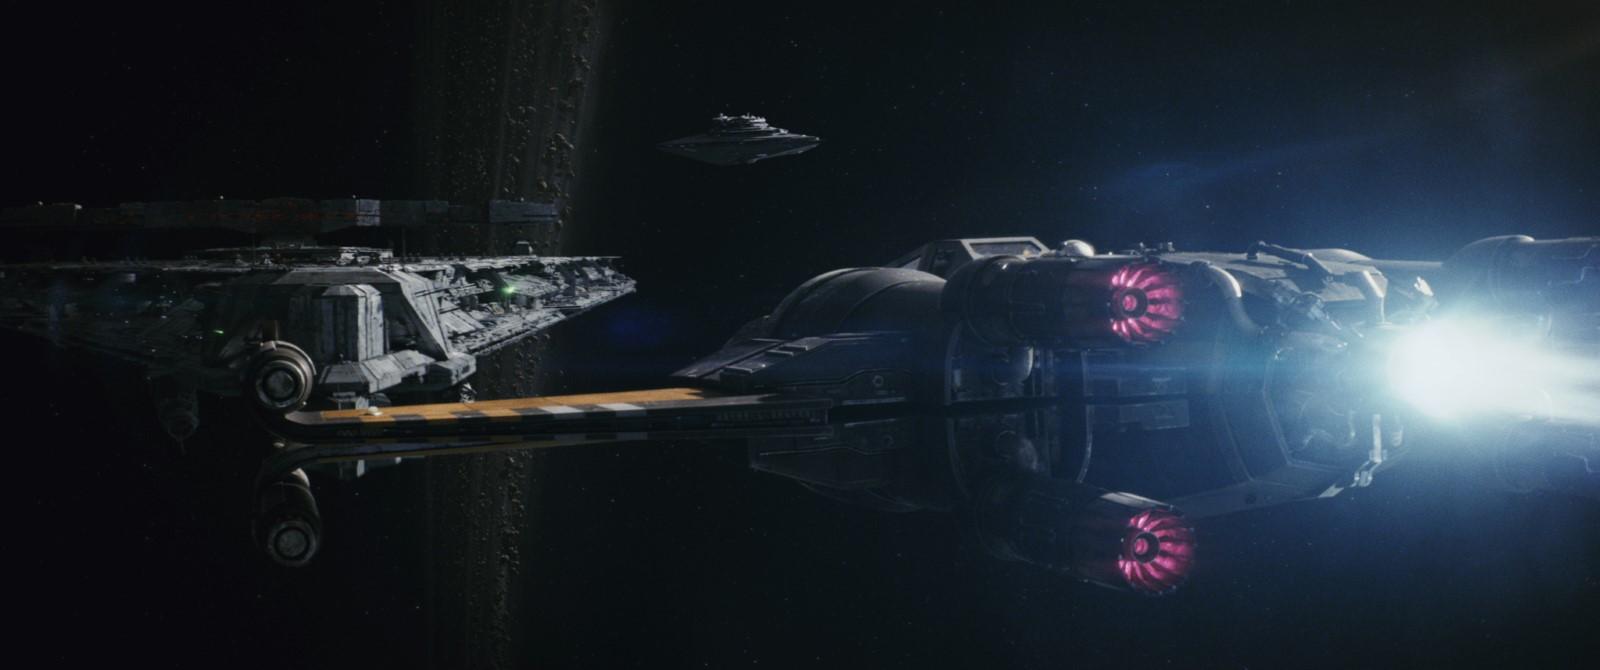 Le film démarre sur les chapeaux de roues dans l'espace ! Crédit photo : Industrial Light Magic / Lucasfilm ©2017 Lucasfilm Ltd